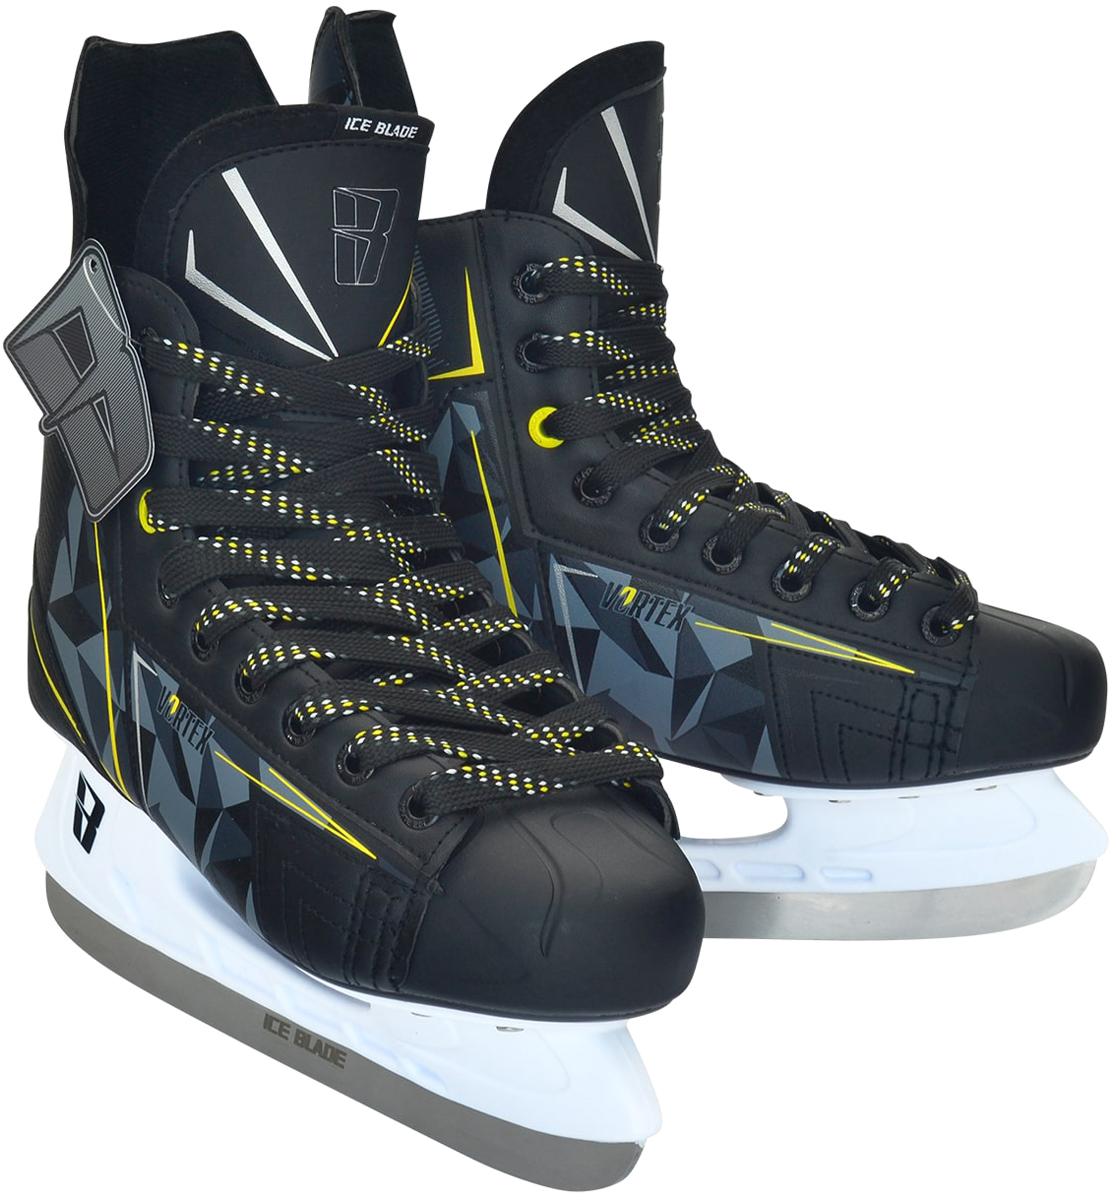 Коньки хоккейные мужские Ice Blade Vortex, цвет: серый, желтый, белый. Размер 44УТ-00010444Хоккейные коньки Ice Blade Vortex являются официальной лицензионной продукцией Континентальной Хоккейной Лиги (КХЛ). Это прекрасная любительская модель коньков с уникальным стильным дизайном, выполненным в новой стилистической концепции КХЛ. В таких коньках Вы будете выделяться на любом катке. Коньки КХЛ Ice Blade Vortex - это прекрасный подарок для любого любителя хоккея! Усиленная жесткость ботинка, износостойкие материалы, устойчивые к порезам, дополнительные вставки из EVA и MEMORY foam не только продлевают срок службы, но и повышают комфорт во время катания.Коньки поставляются в стильной коробке и с заводской заточкой лезвия, что позволяет сразу приступить к катанию, не тратя времени и денег на заточку. Коньки подходят для использования на открытом и закрытом льду.Основные характеристики: Назначение: хоккейные конькиТип фиксации: шнуркиРазмеры: 36, 37, 38, 39, 40, 41, 42, 43, 44, 45, 46, 47Цвет: черный, серый, желтыйДополнительные характеристики:Материал ботинка: искусственная кожа, высокопрочная нейлоновая ткань, ударостойкий пластикВнутренняя отделка: текстильные материалыЛезвие: выполнено из высокоуглеродистой стали с покрытием из никеляУпаковка: красочная коробка Дополнительно: гарантия 1 год